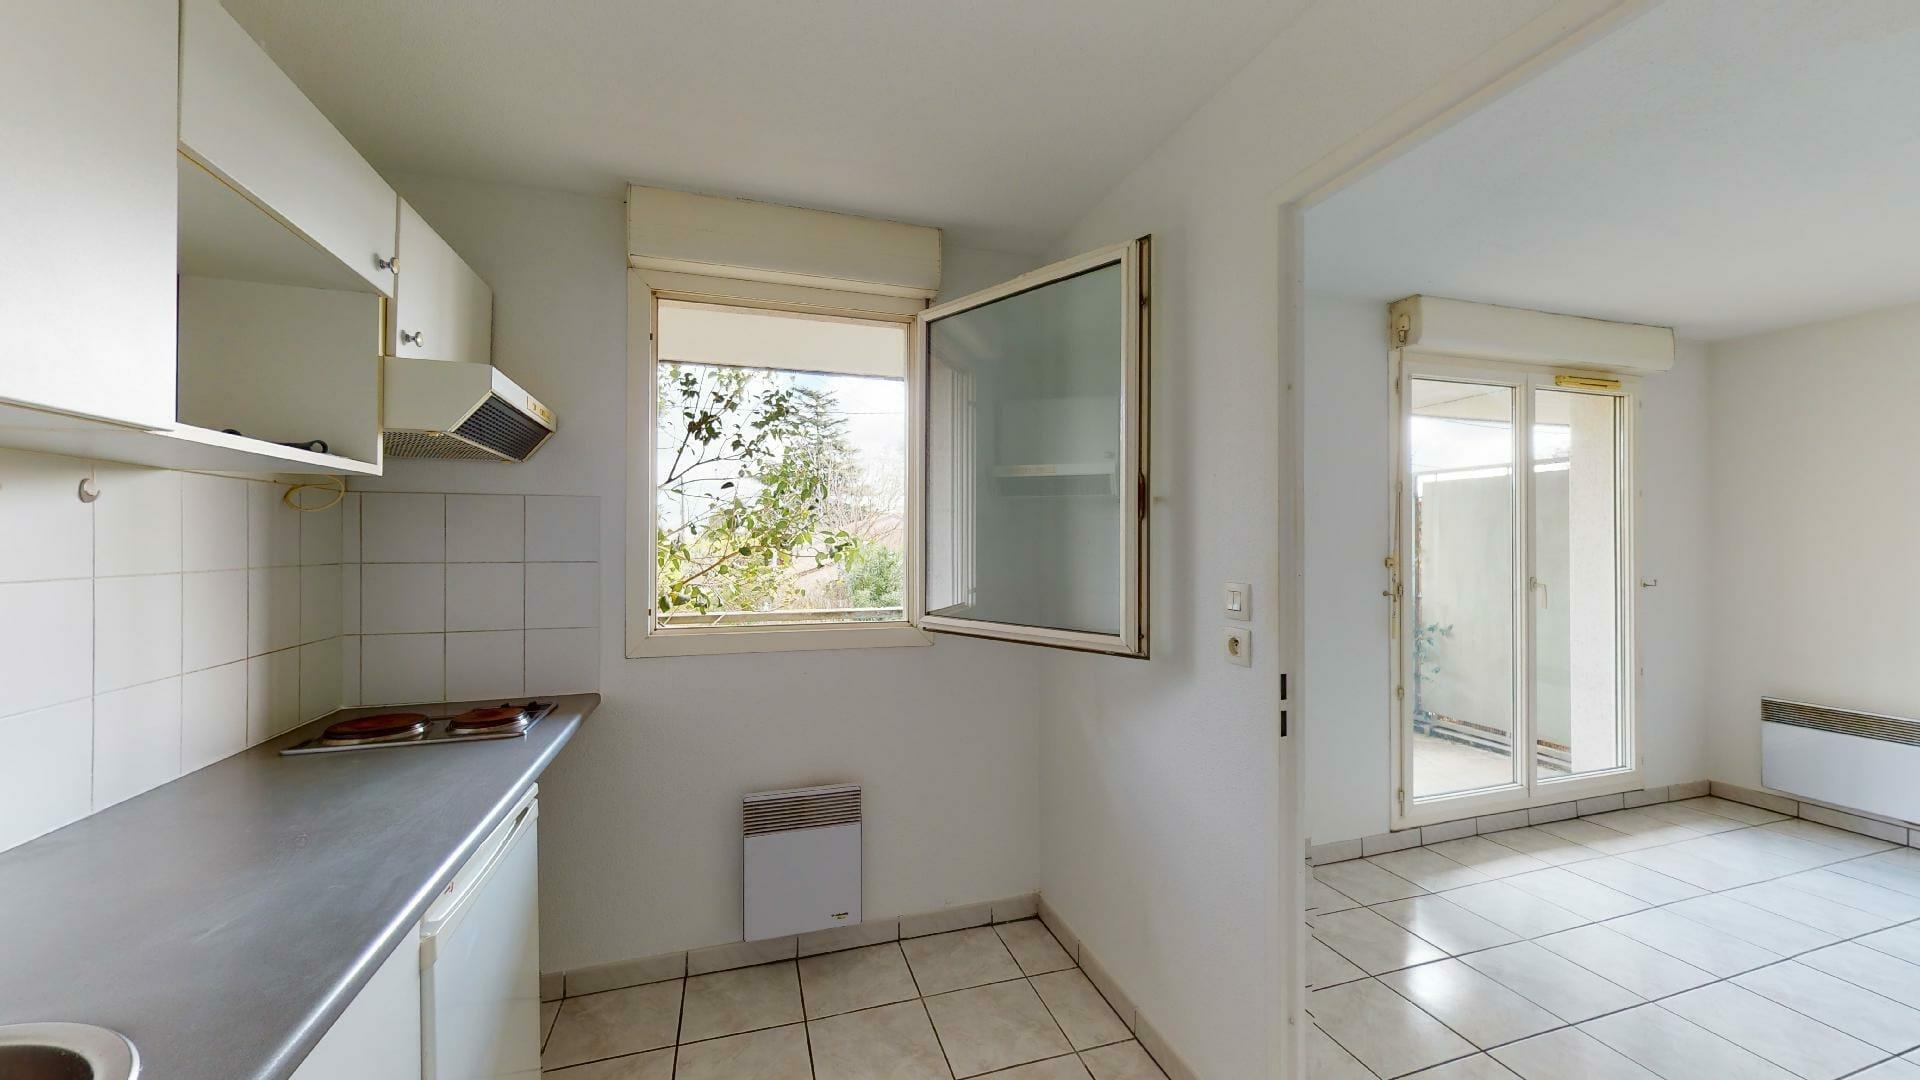 T2-Terrasse-soleil-levant-Urbanhouse360-Toulouse-Sept-Deniers